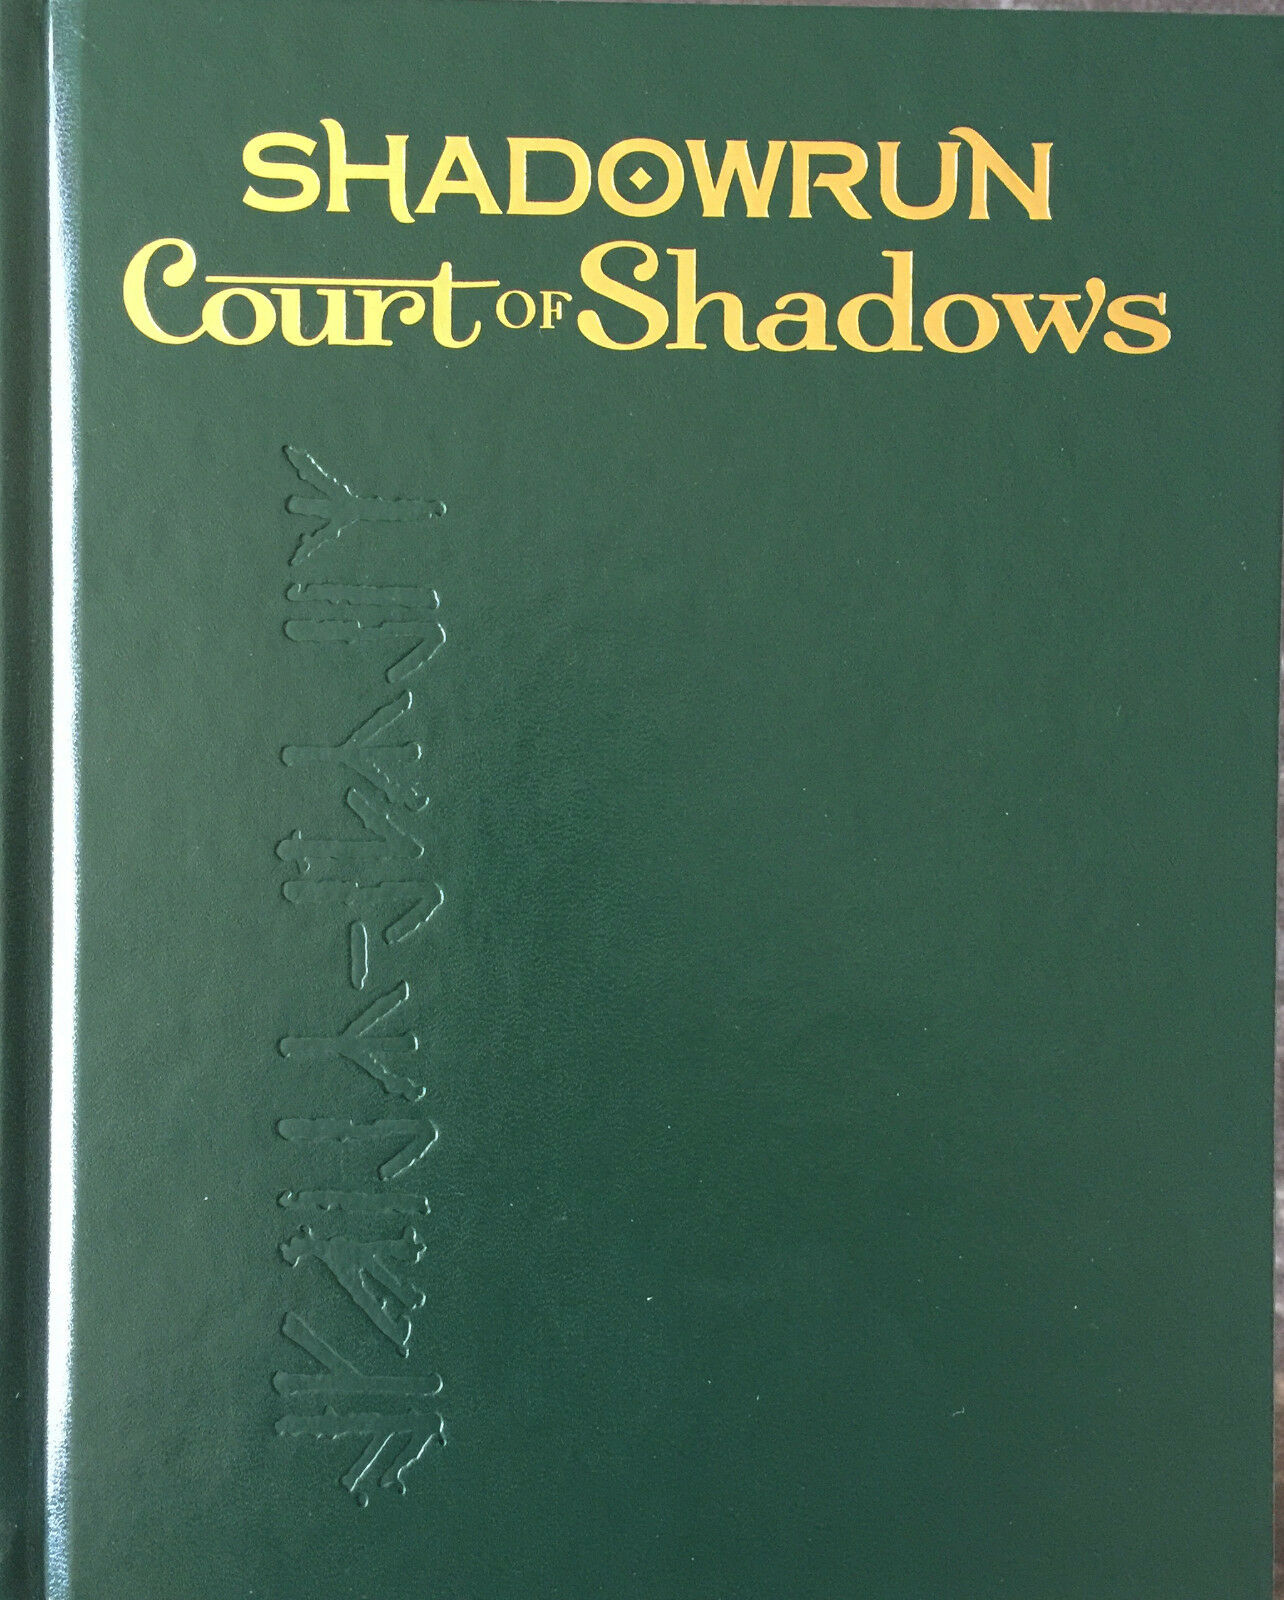 Edición Limitada Shadowrun 5th Ed tribunal de las sombras HC Catalyst Ltd-Nuevo